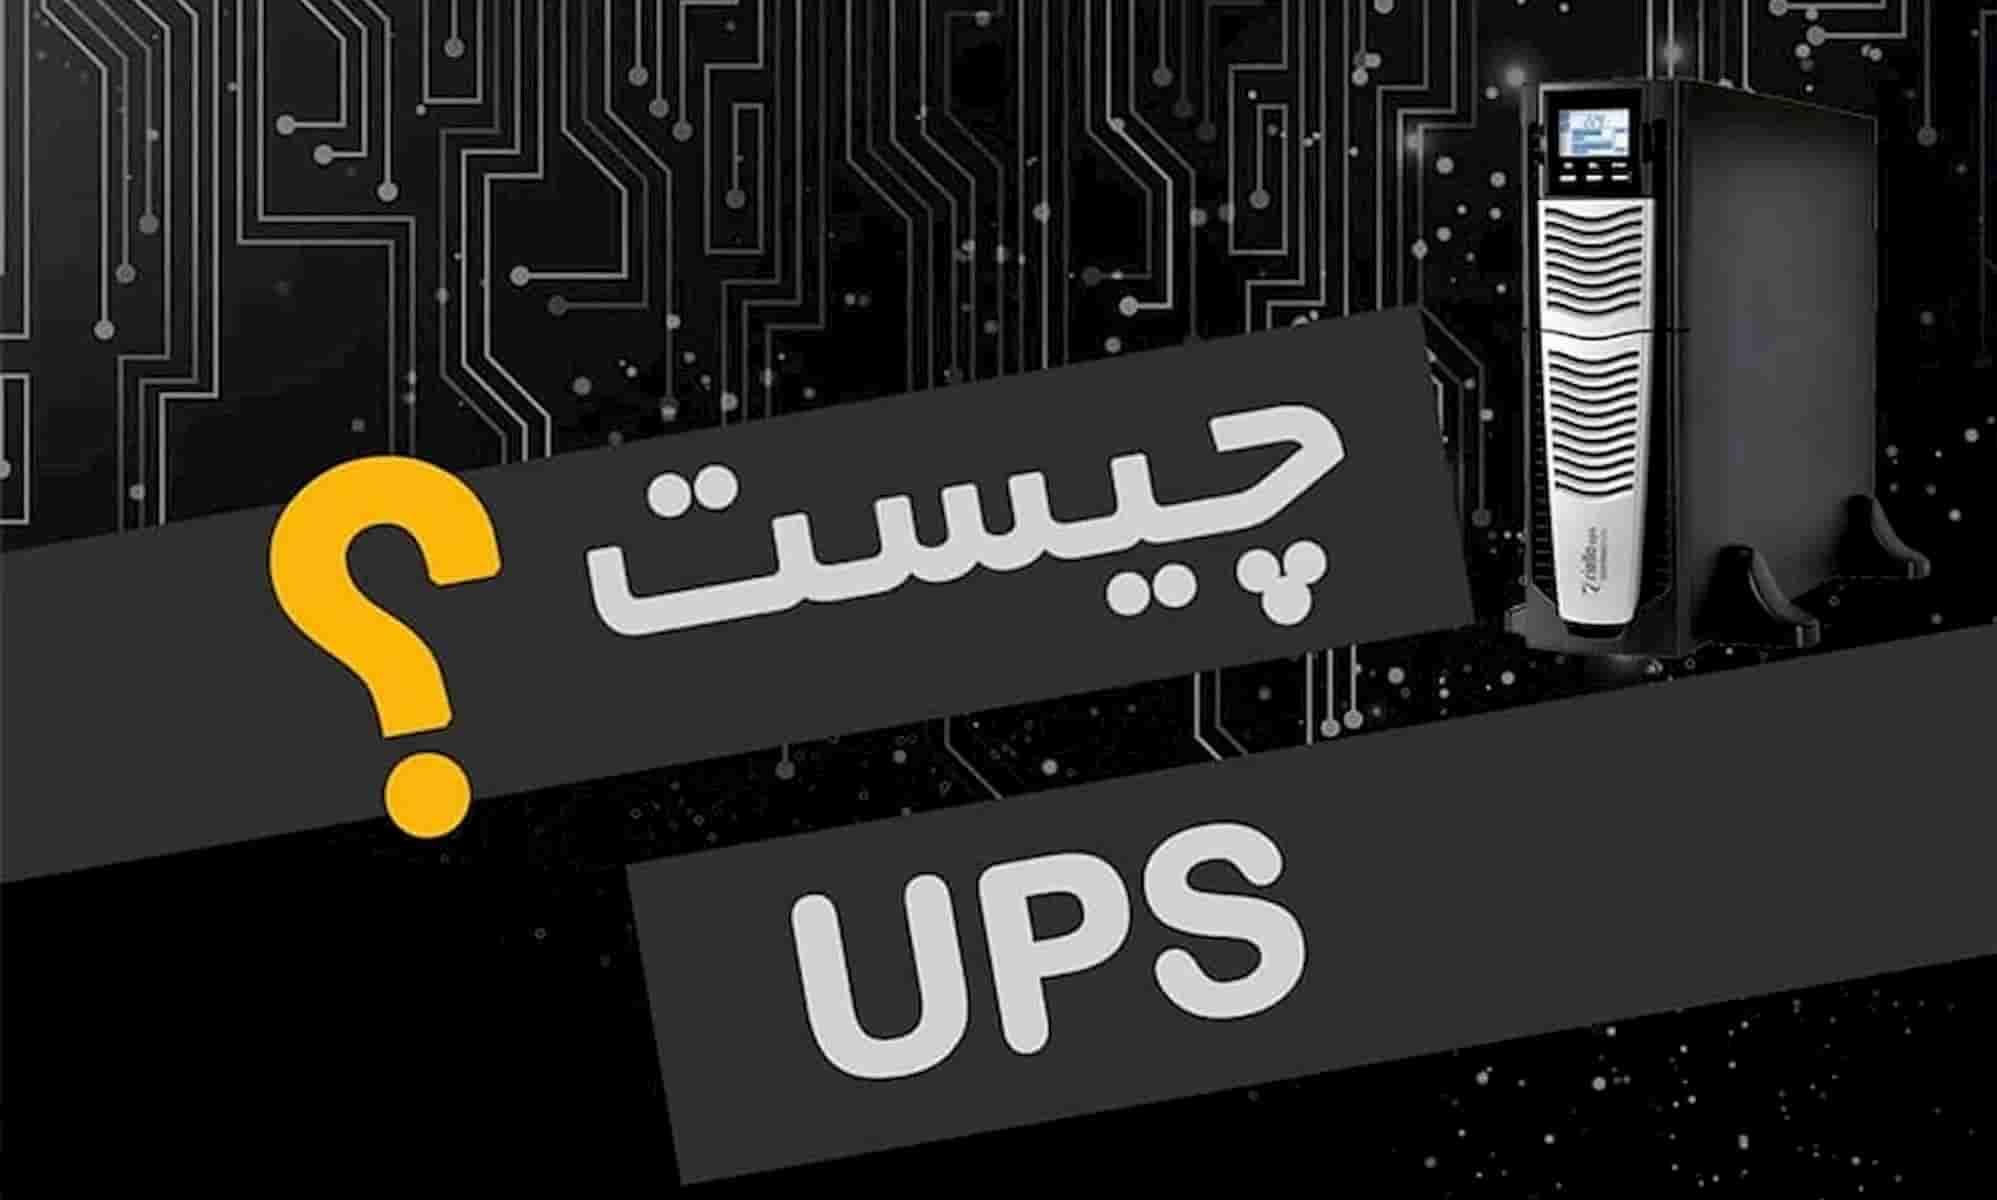 معرفی دستگاه UPS و عملکرد آن